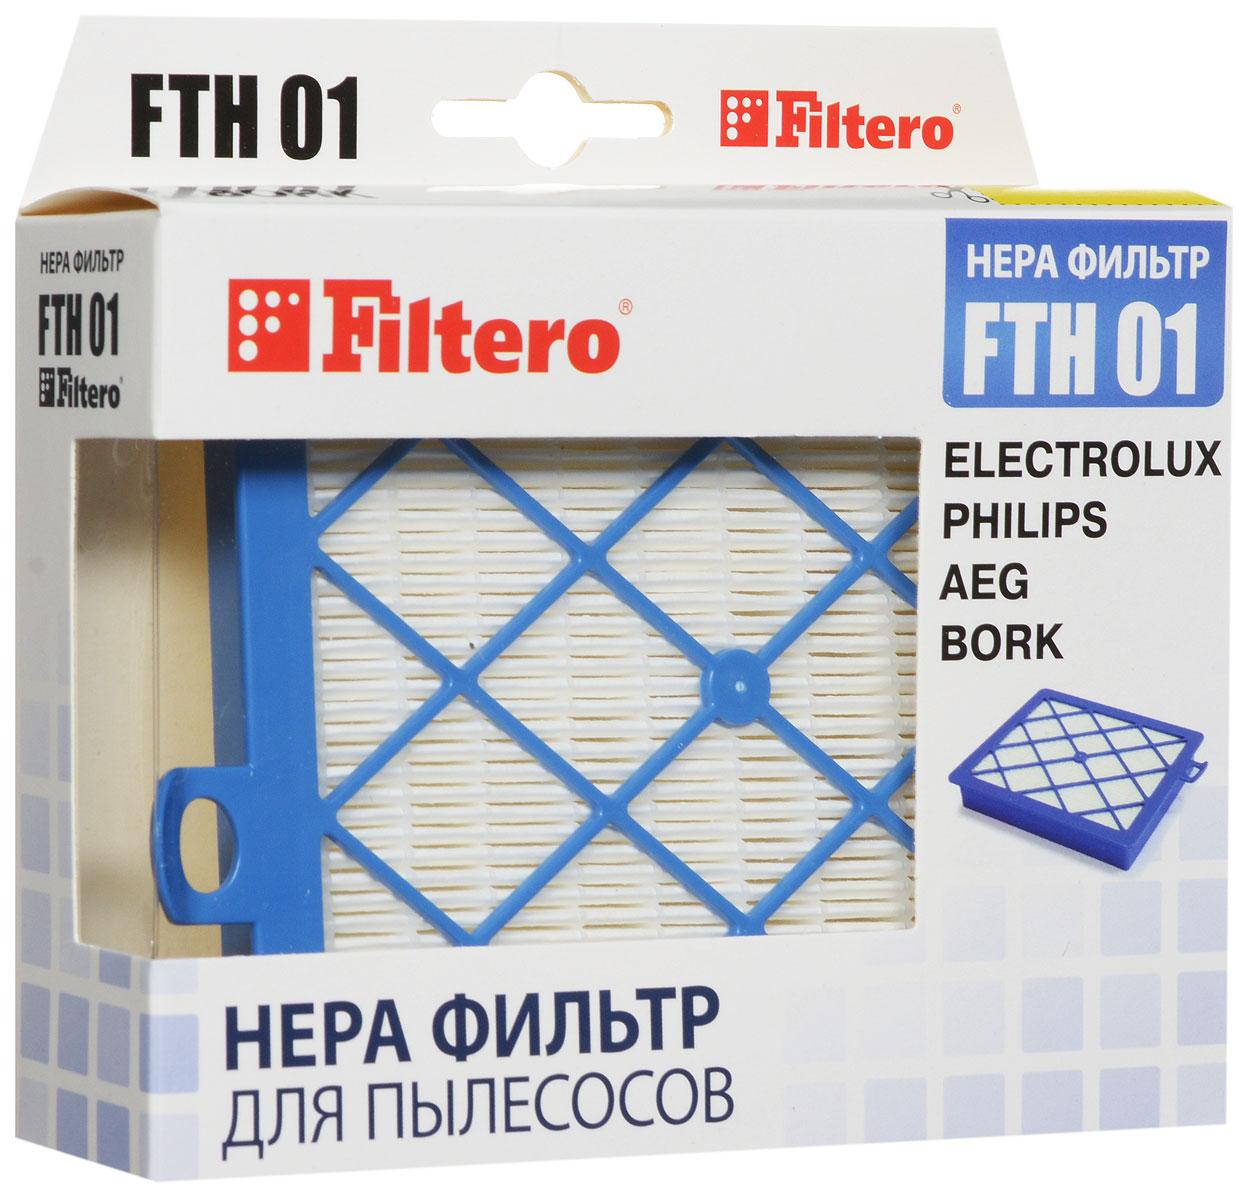 Filtero FTH 01 ELX Hepa-фильтр для Electrolux, PhilipsFTH 01 ELX HEPAФильтр Filtero FTH 01 ELX уровня фильтрации НЕРА Н 12 препятствует выходу мельчайших частиц пыли и аллергенов из пылесоса в помещение. Фильтр немоющийся. Подлежит замене, согласно рекомендации производителя пылесосов - не реже одного раза за 6 месяцев.